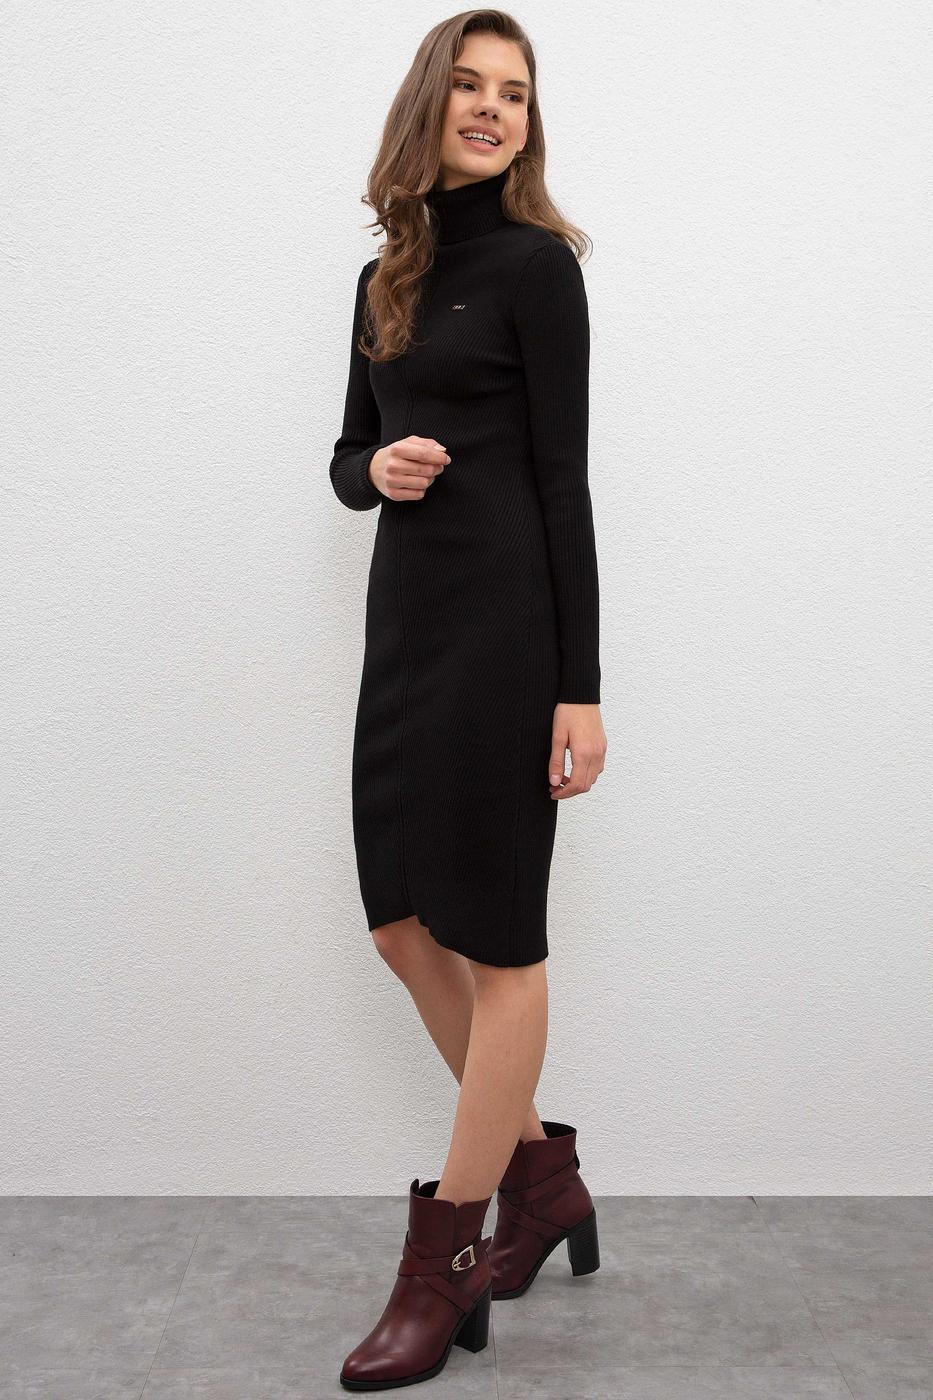 Kadın Triko Elbise